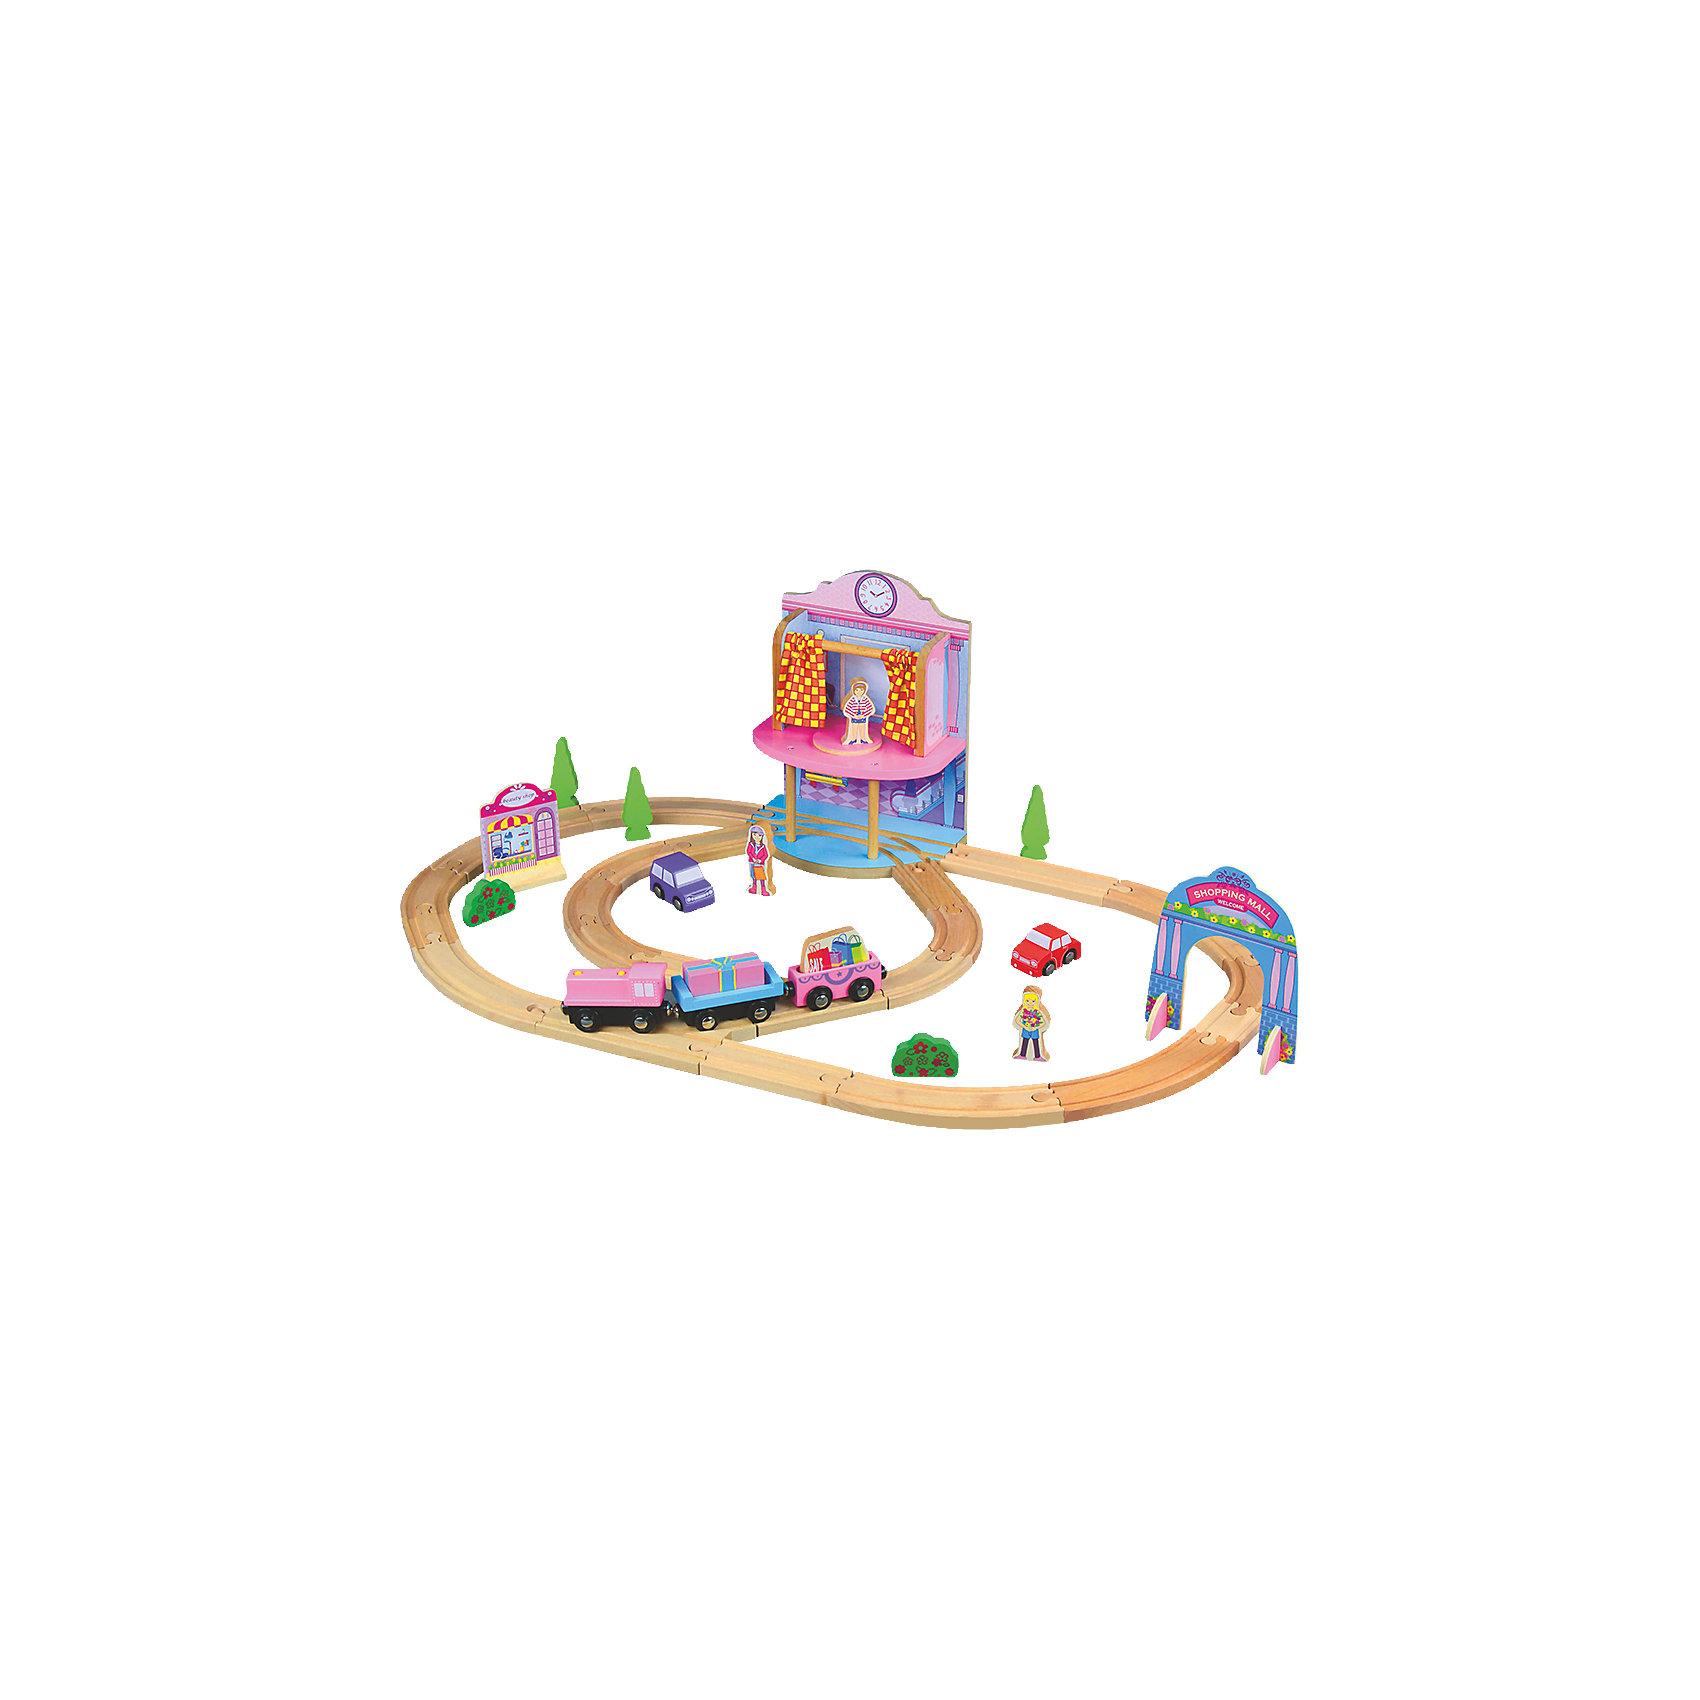 Деревянная железная дорога. Кукольный паравозик, ROYSДеревянная железная дорога. Кукольный паровозик, ROYS (РОЙС) – этот набор выполнен в нежных розово-фиолетовых цветах и создан для девочек.<br>Этот деревянный набор железной дороги ROYS является имитацией торгового района, на территории которого располагается большой торговый центр и небольшой магазинчик. Юные модницы, играя в кукольную железную дорогу от ROYS, могут привезти фигурки девочек на машинках, а доставкой их покупок займется миловидный паровозик с грузовыми вагонами. Вагоны сцепляются при помощи магнитов, что очень удобно для маленьких детей. Железная дорога очень надежна и проста в сборке. Элементы набора изготовлены из дерева натуральных пород, окрашены нетоксичной краской. Качественное натуральное дерево не содержит шероховатостей или заусениц, что исключает повреждения ручек вашего ребенка при активной игре. Все детали специально изготавливаются с закругленными краями. Эта железная дорога позволит ребенку не только получать удовольствие от игры, но и развивать мелкую моторику, внимание и фантазию. Все наборы ROYS (РОЙС) совместимы между собой, можно собирать целые города со своими вокзалами, гаванью, мостами и пещерами.<br><br>Дополнительная информация:<br><br>- Комплектация: 19 секций железной дороги, локомотив, 2 грузовых вагона с грузами, арка, двухэтажный магазин с примерочной, здание, 3 фигурки человека, 2 автомобиля, 3 дерева, 2 клумбы, инструкция<br>- Количество деталей: 36<br>- Общая длина пути: 305 см.<br>- Материал: дерево<br>- Размер упаковки: 370х60х235 мм.<br>- Вес: 3700 гр.<br><br>Деревянную железную дорогу. Кукольный паровозик, ROYS (РОЙС) можно купить в нашем интернет-магазине.<br><br>Ширина мм: 370<br>Глубина мм: 60<br>Высота мм: 235<br>Вес г: 3700<br>Возраст от месяцев: 36<br>Возраст до месяцев: 168<br>Пол: Унисекс<br>Возраст: Детский<br>SKU: 4086672